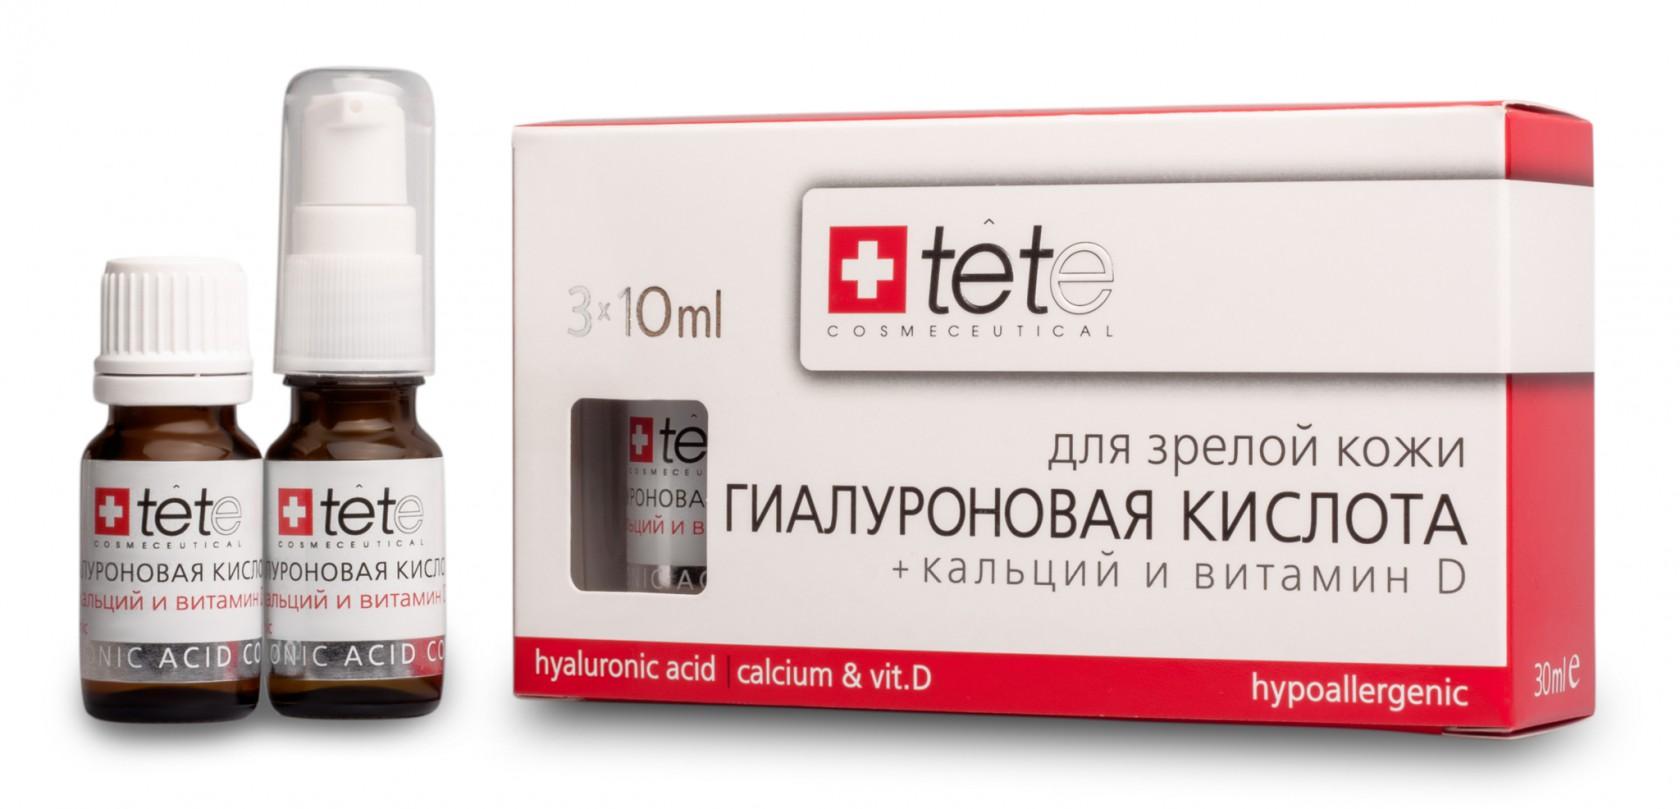 цены на препараты гиалуроновой кислоты для суставов